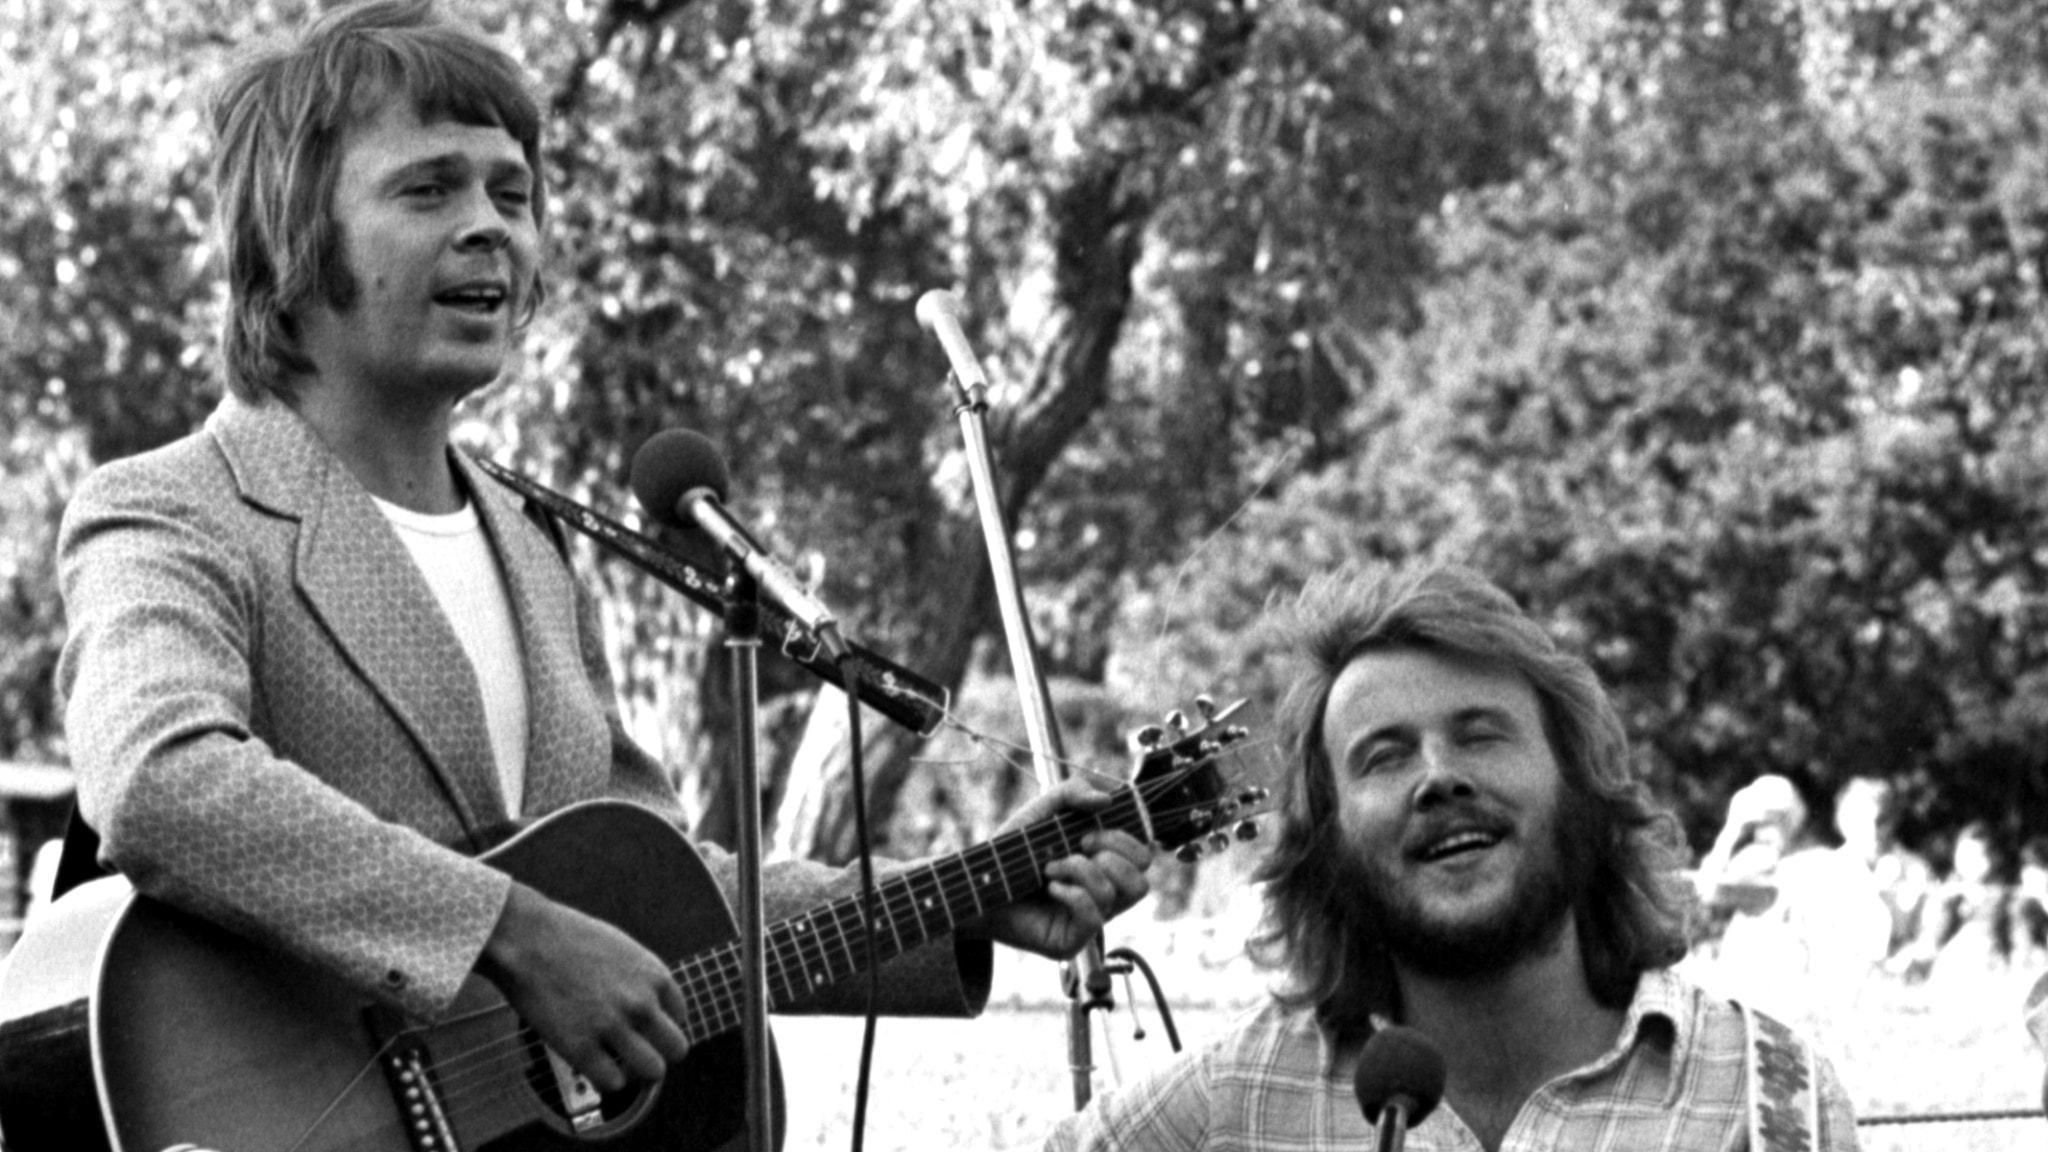 En svartvit bild när Björn Ulvaeus och Benny Andersson står inför publik. Björn håller i en gitarr och ser glad ut. Bilden är tagen sommaren 1971.